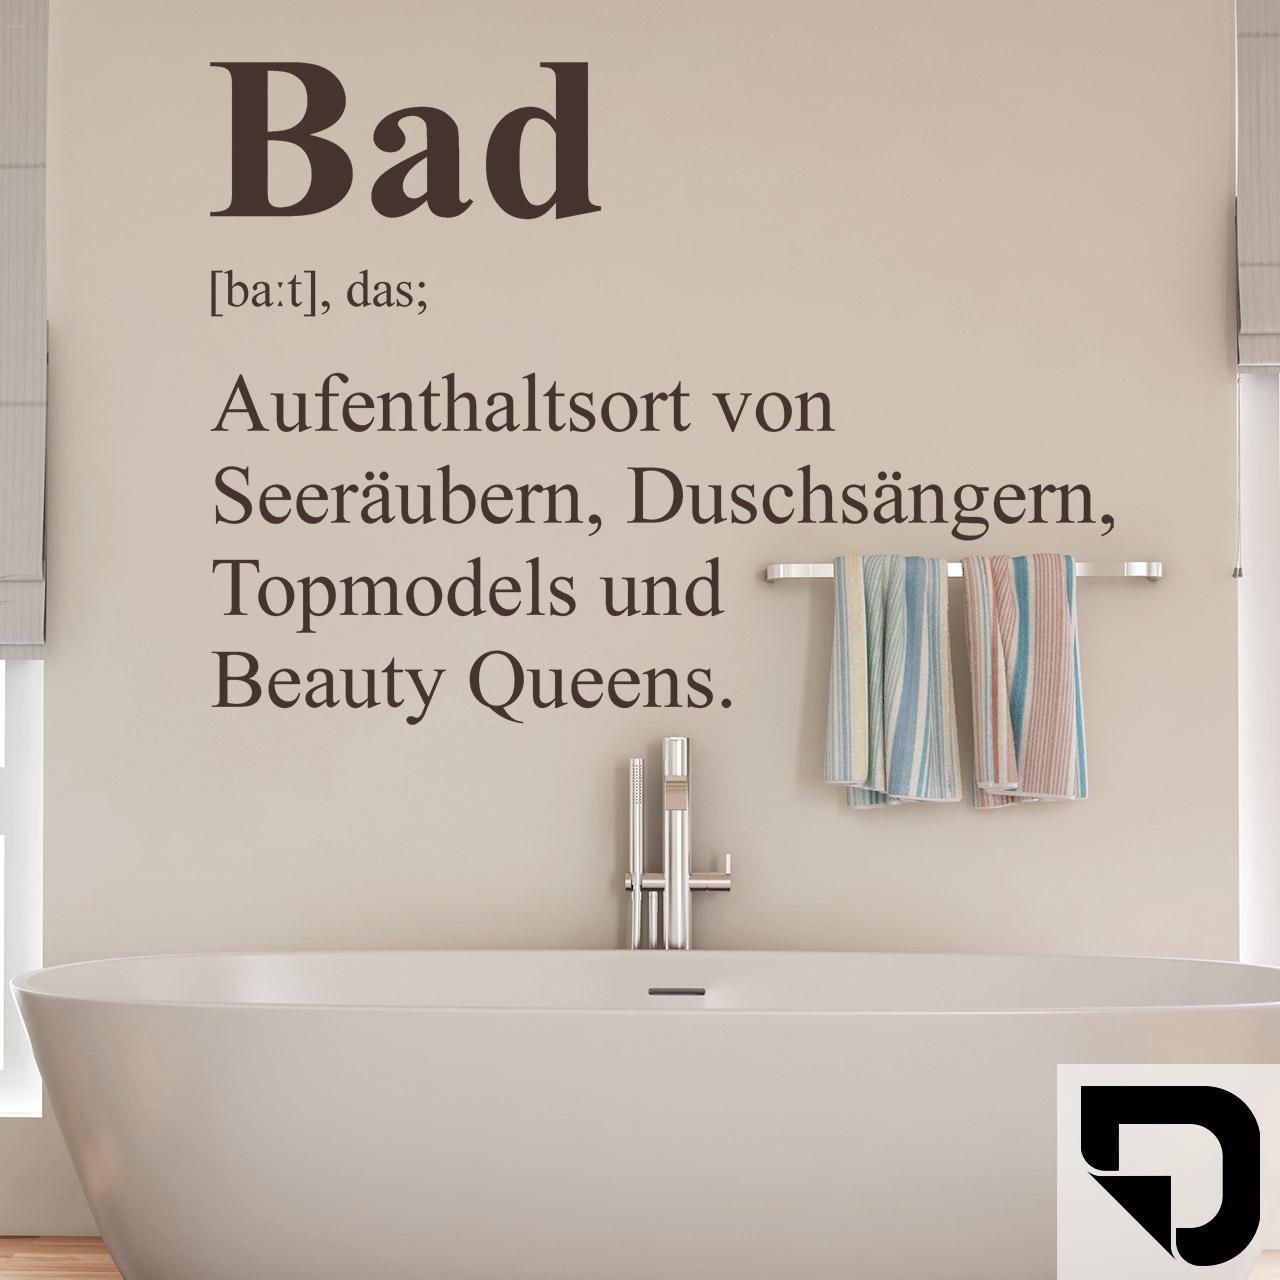 DESIGNSCAPE® Wandtattoo Bad Definition 12 - Badezimmer Wandtattoo Beauty  Queen Seeräuber Topmodel 1212 x 12 cm (Breite x Höhe) schwarz DW8031239-S-F12